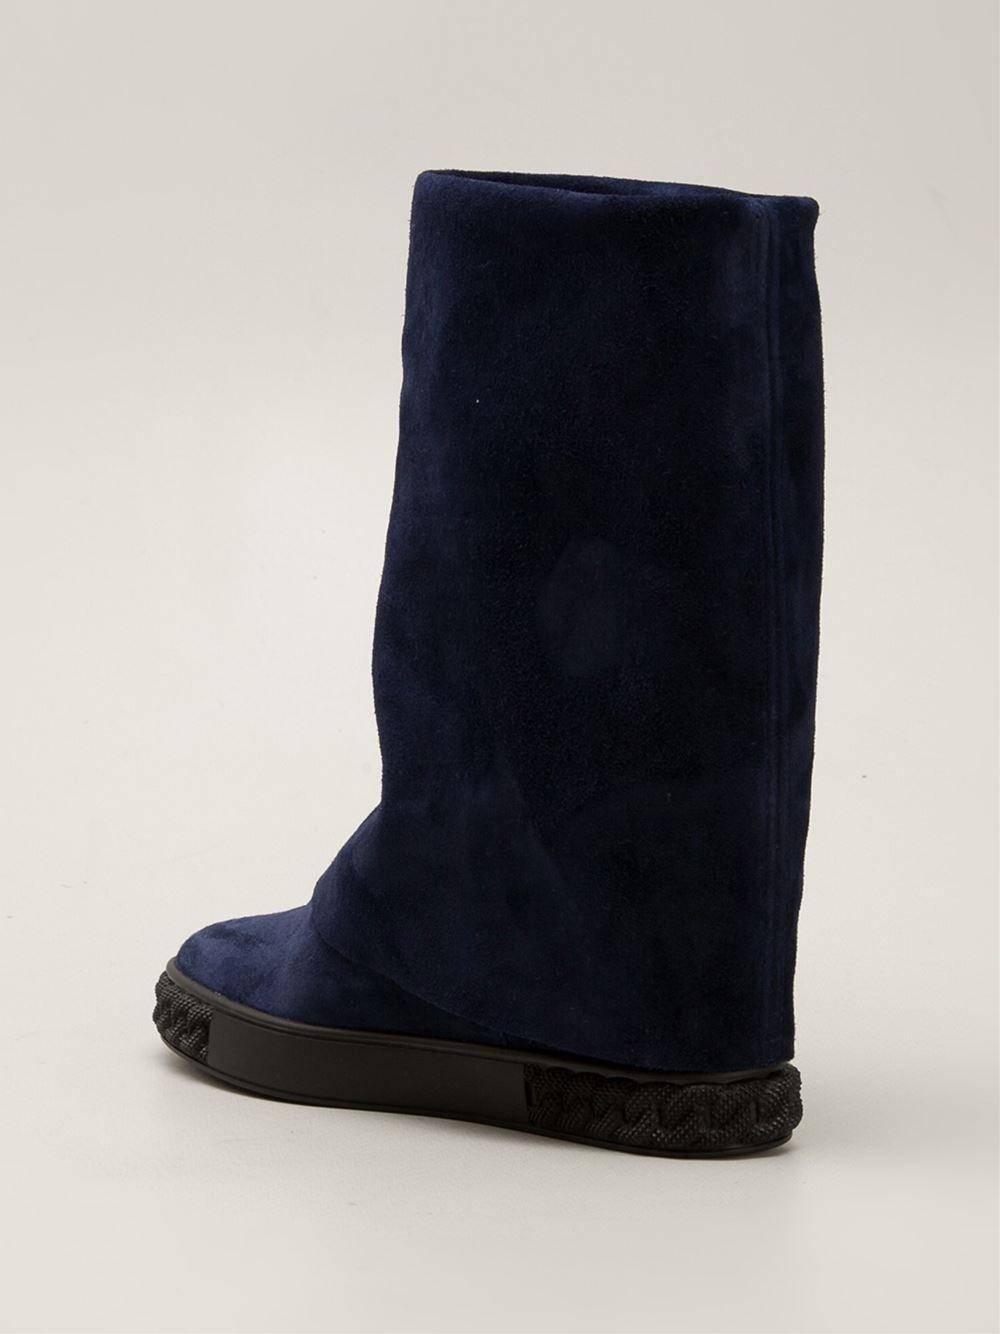 chain-trimmed boots - Blue Casadei 3q2qrn3oT